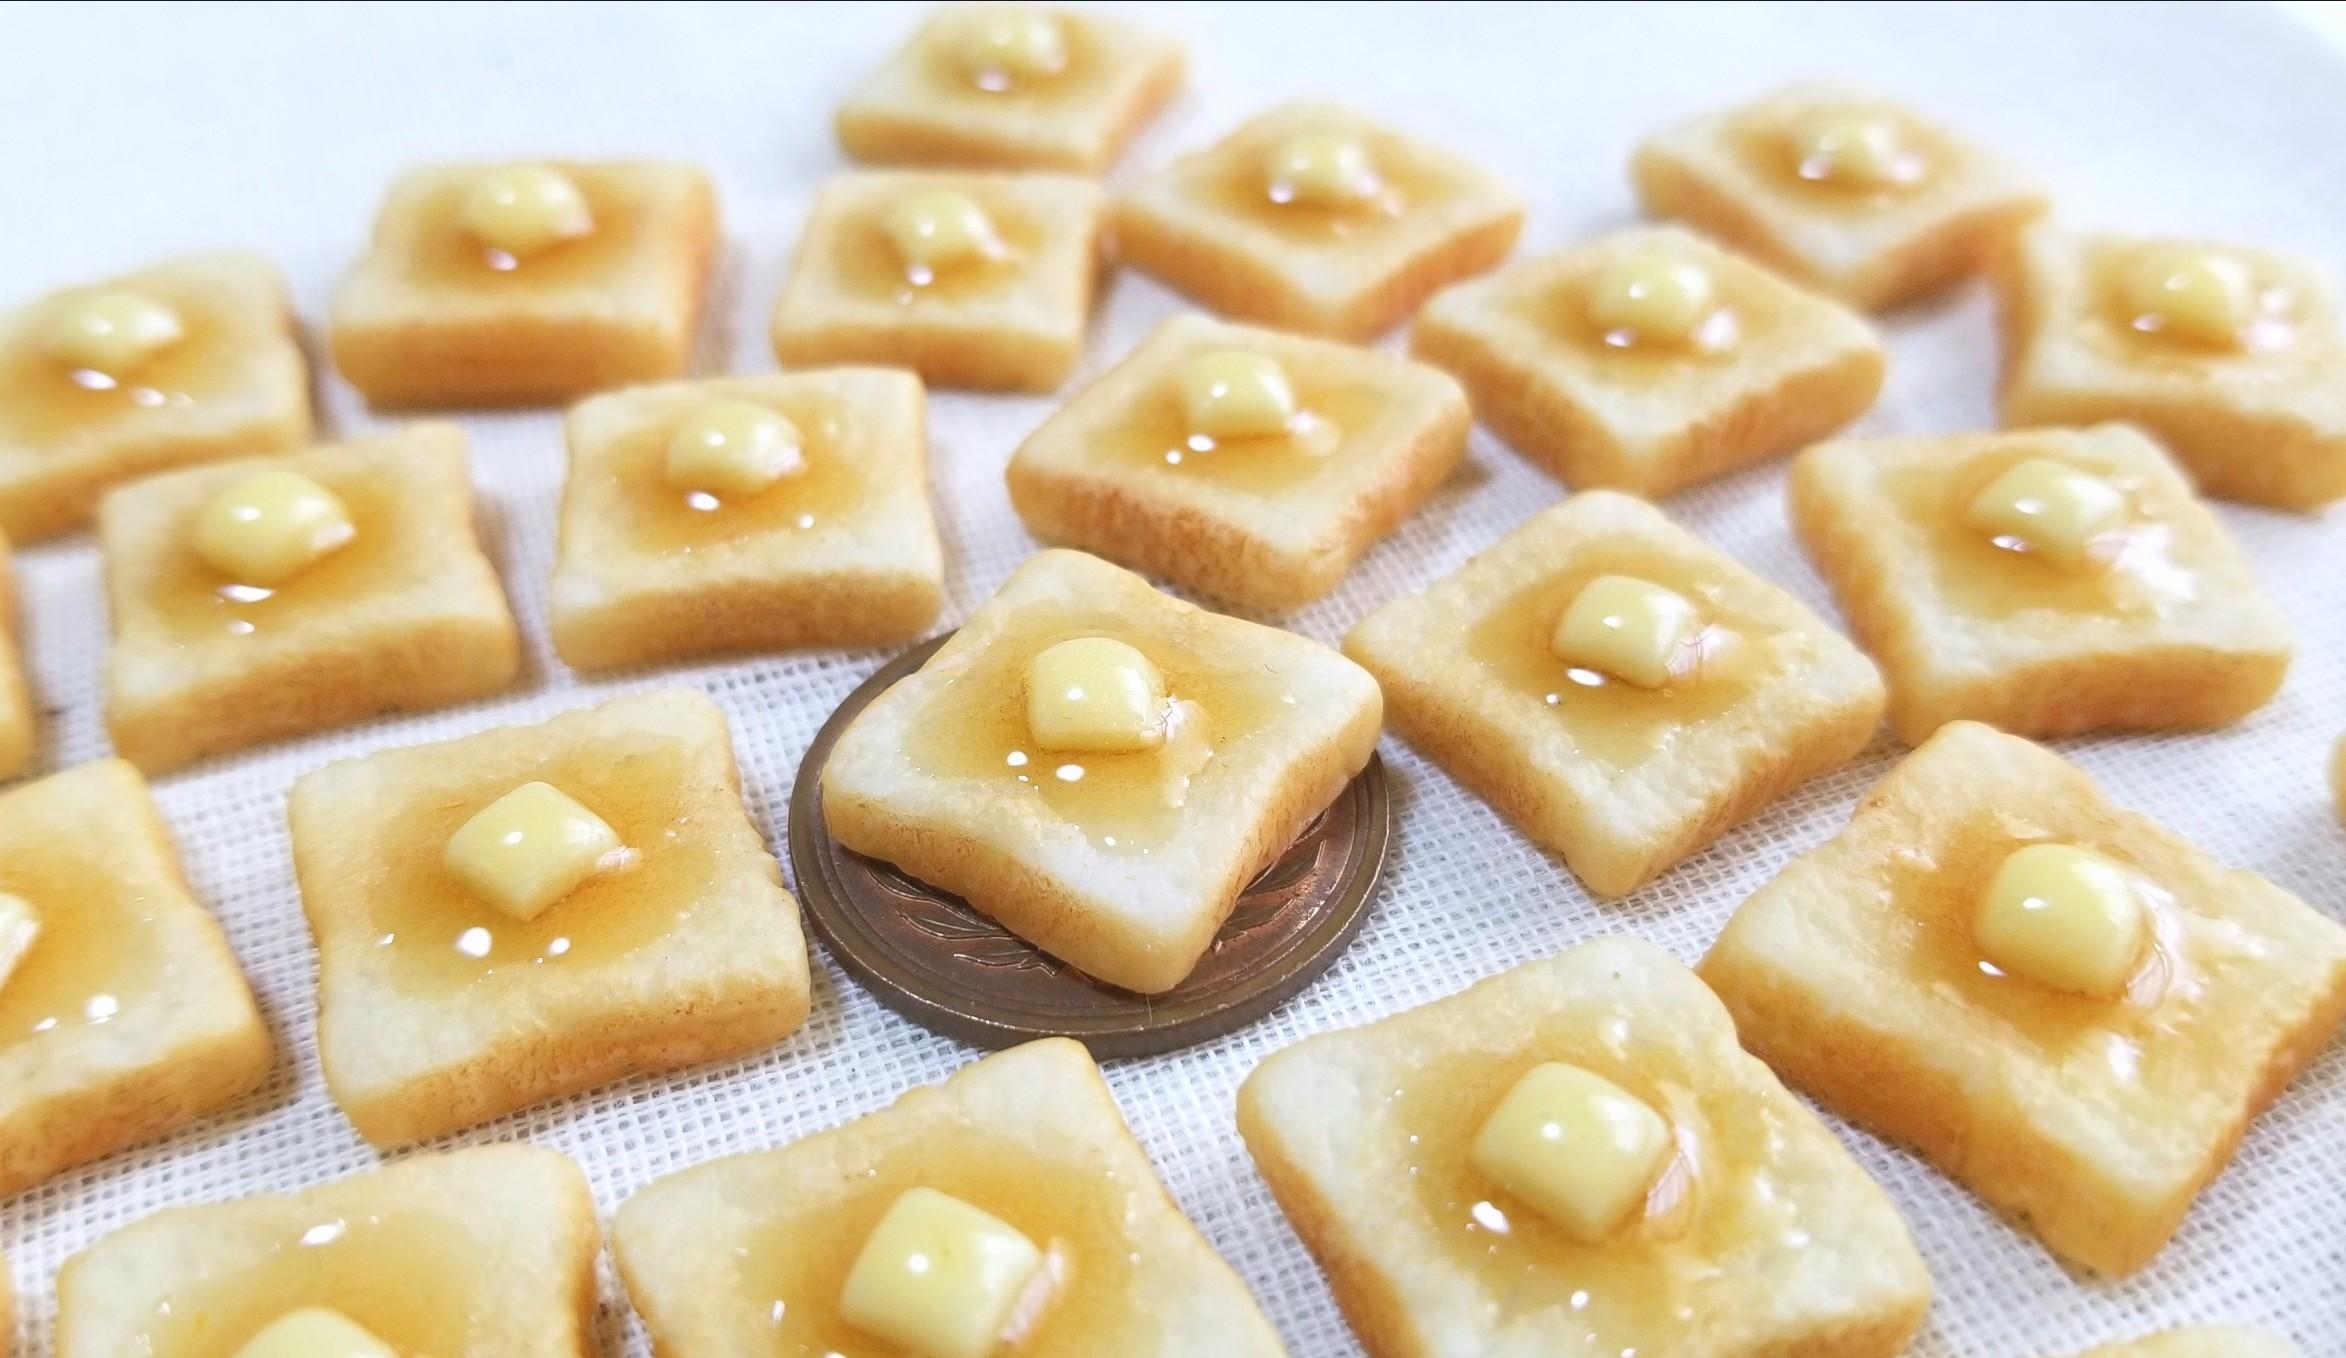 バタートースト,ミニチュアフード,食パン,粘土,あまむす,シルバニア